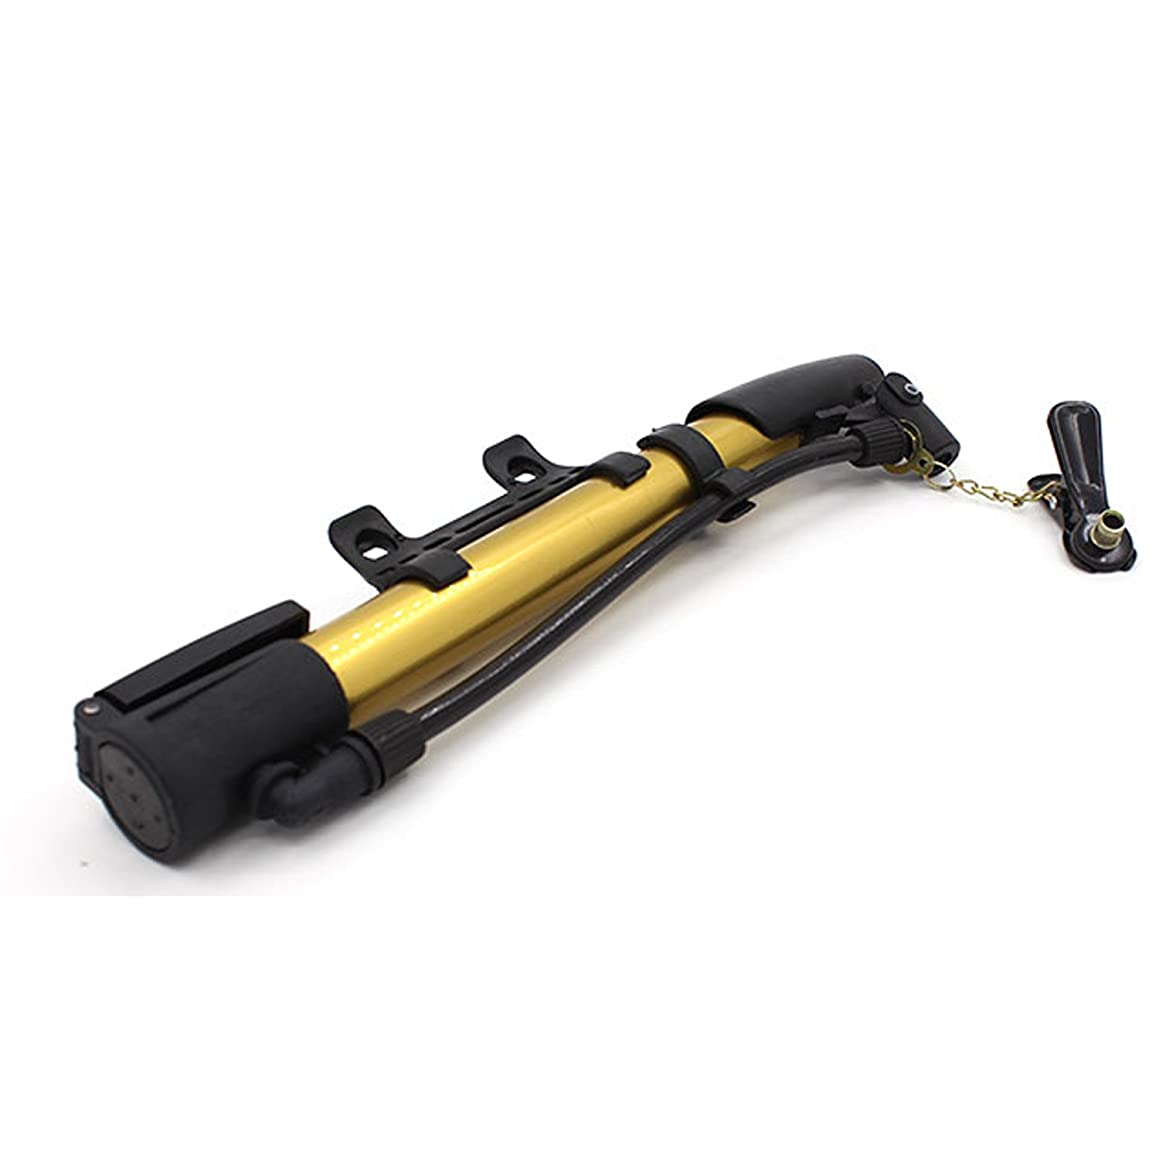 バーユダヤ人辛な(Gold) - Suyi Mini Portable Inflator Bike Ball Pump Air Stick Pump Hand Pumps Tyre Inflator Aluminium alloy Blue Silver Purple Gold